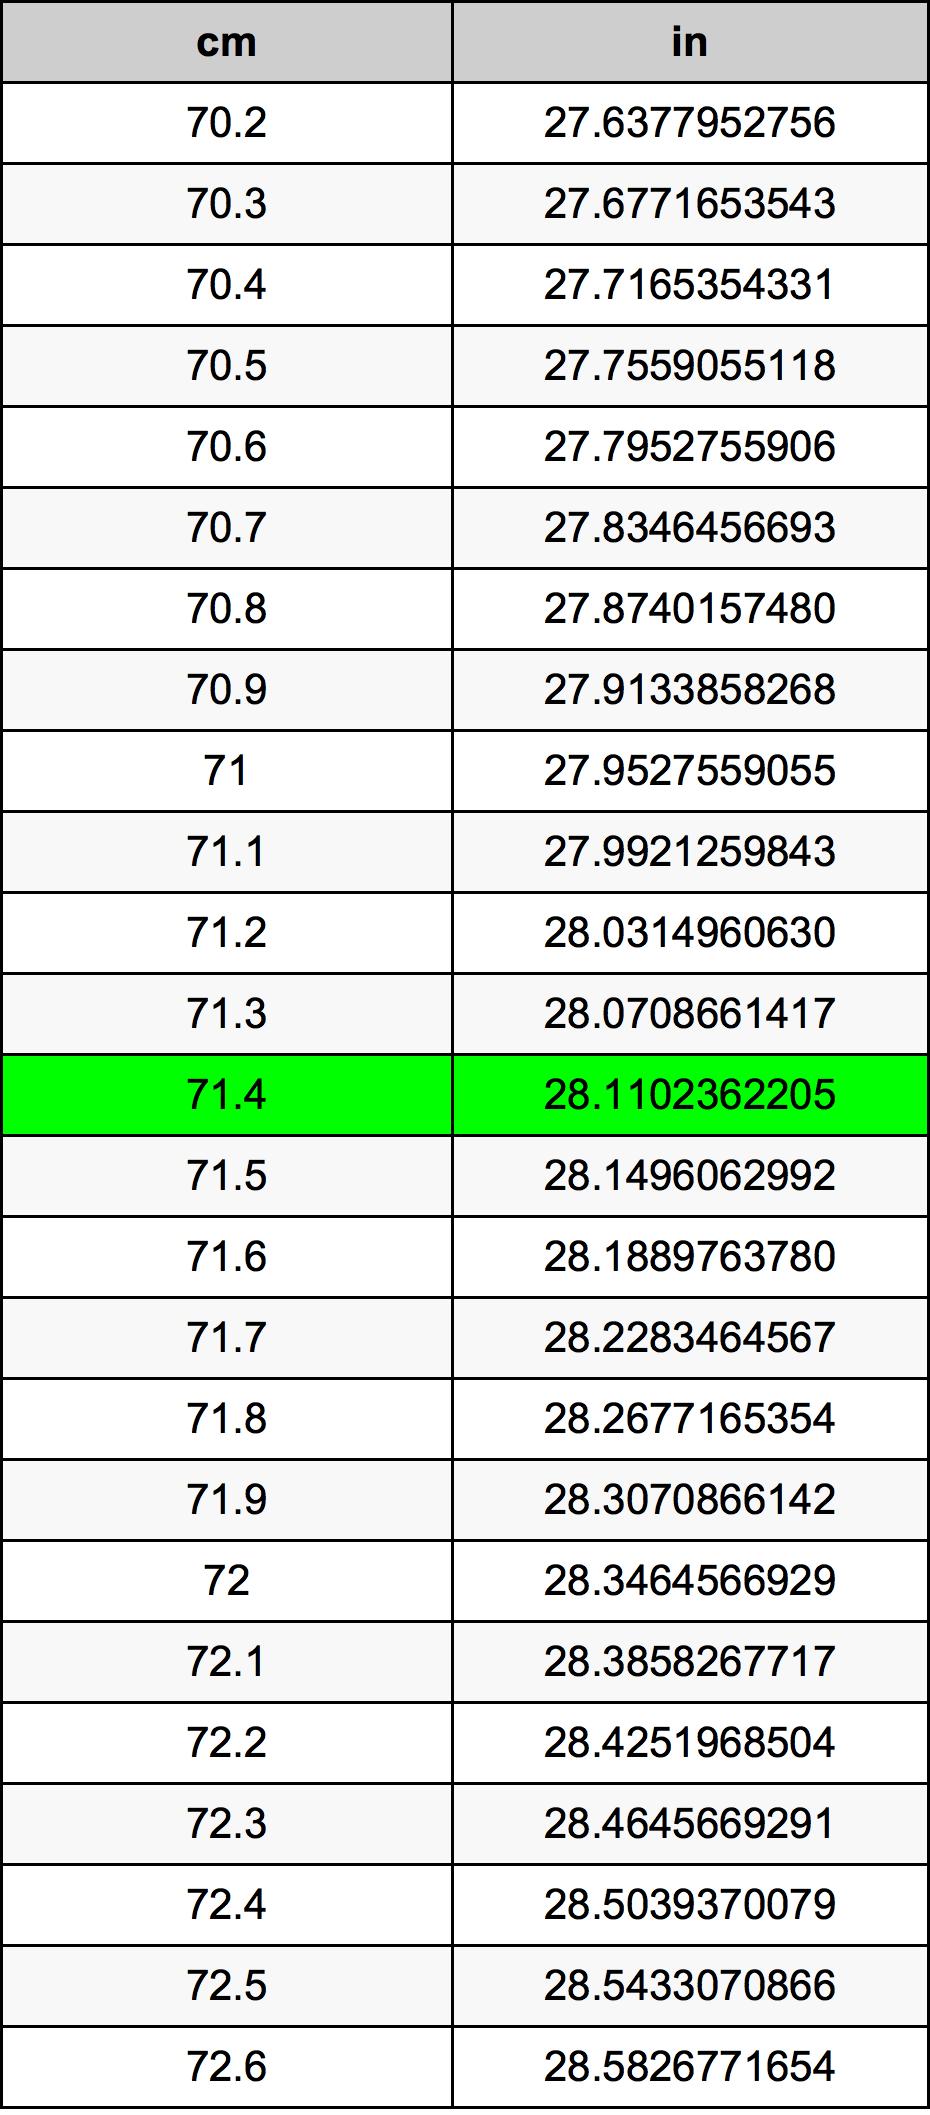 71.4 સેન્ટીમીટર રૂપાંતર કોષ્ટક